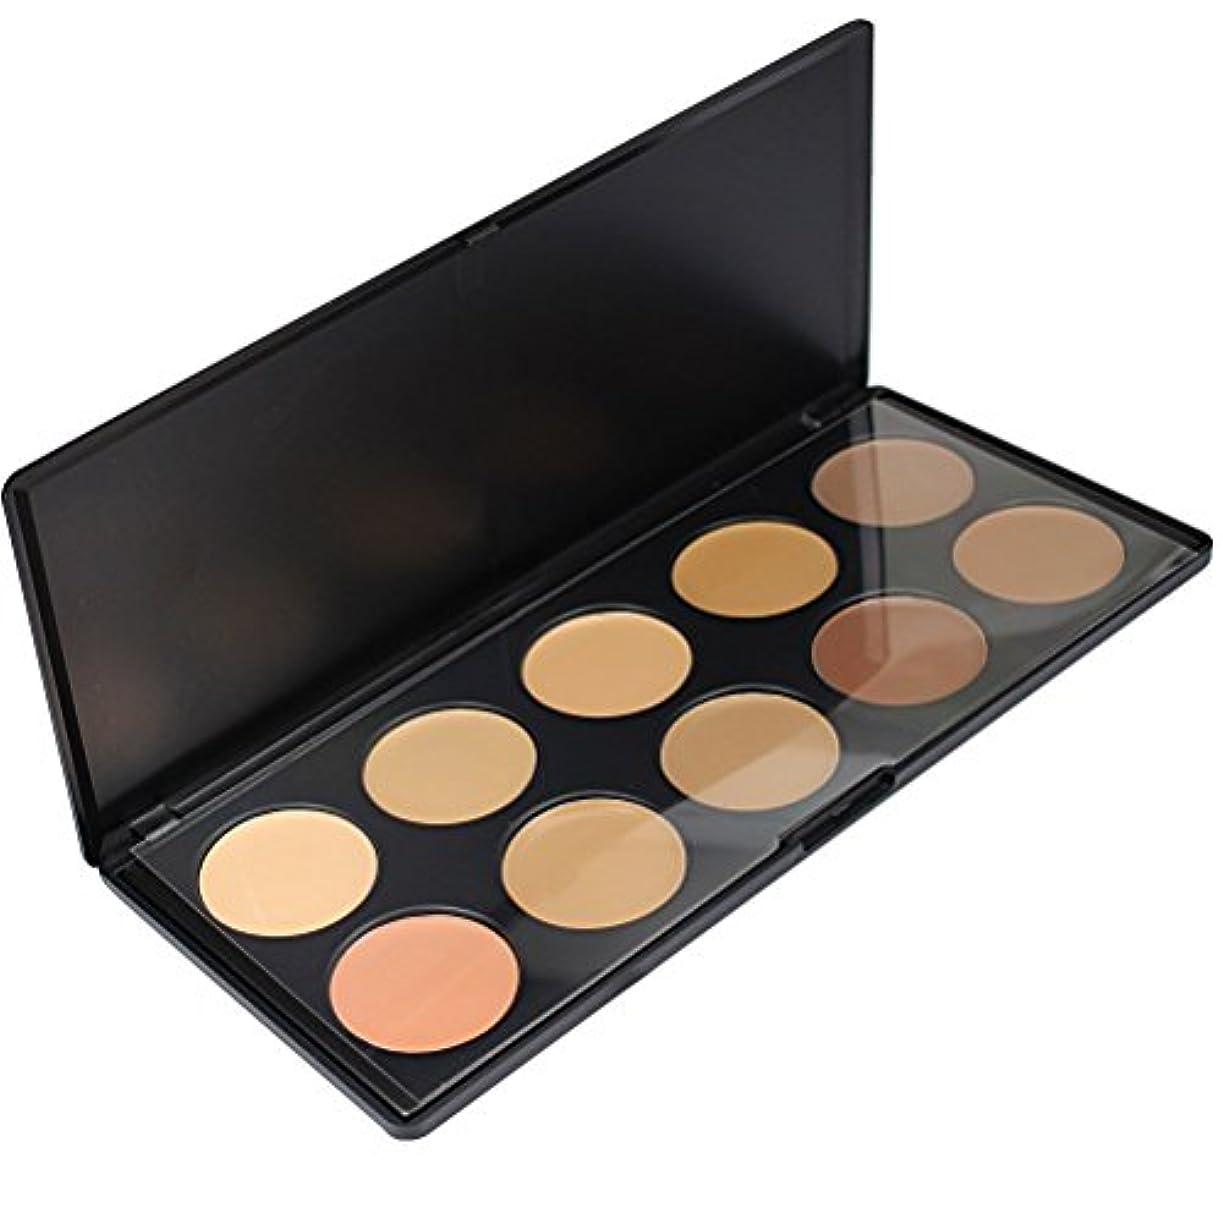 不合格運命自動化メイクアップエーシーシー (MakeupAcc) 10色コンシーラーパレット アイシャドウパレット メイクアップセット [並行輸入品]